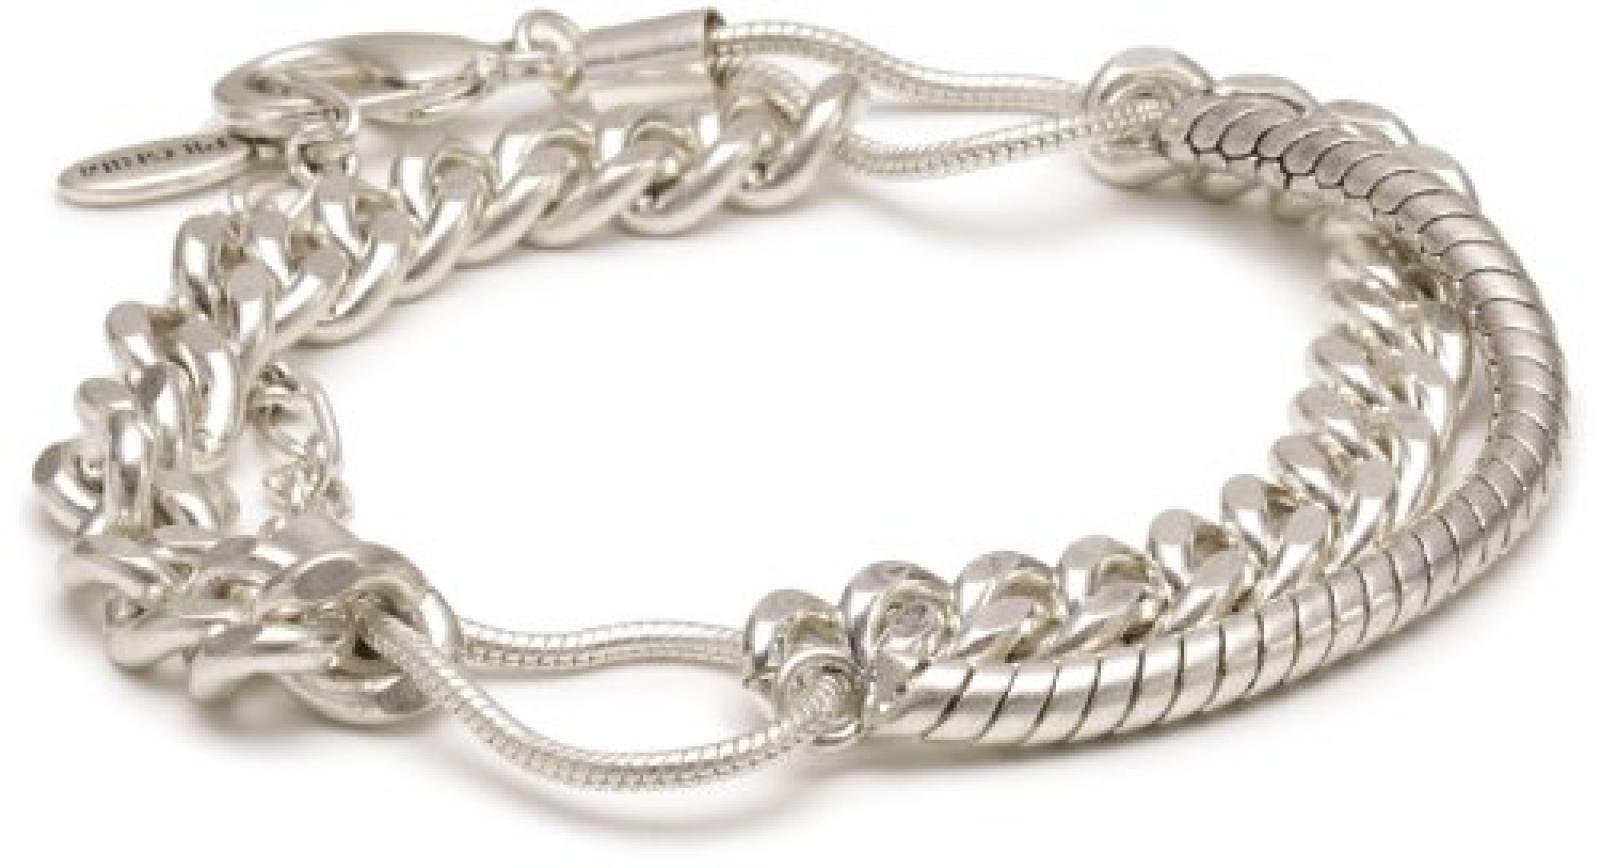 Pilgrim Damen-Armband aus der Serie Promises Versilbert, 17 cm + 5 cm Verlängerung, 23122-6012